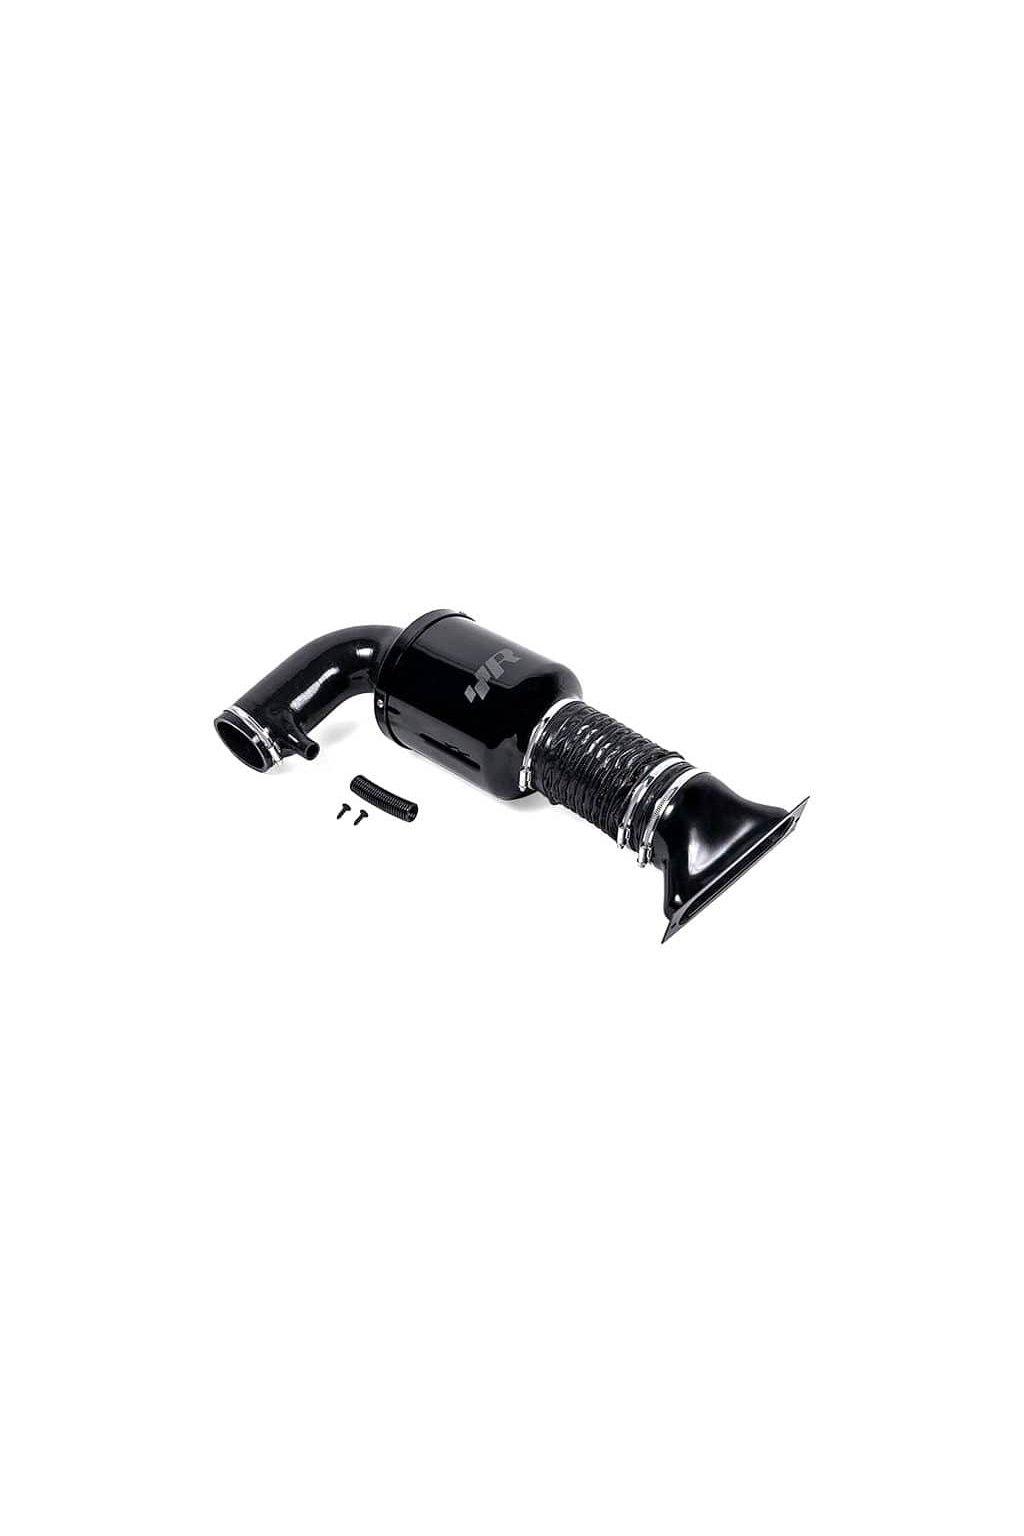 VWR12P0GT progressive parts 800x534